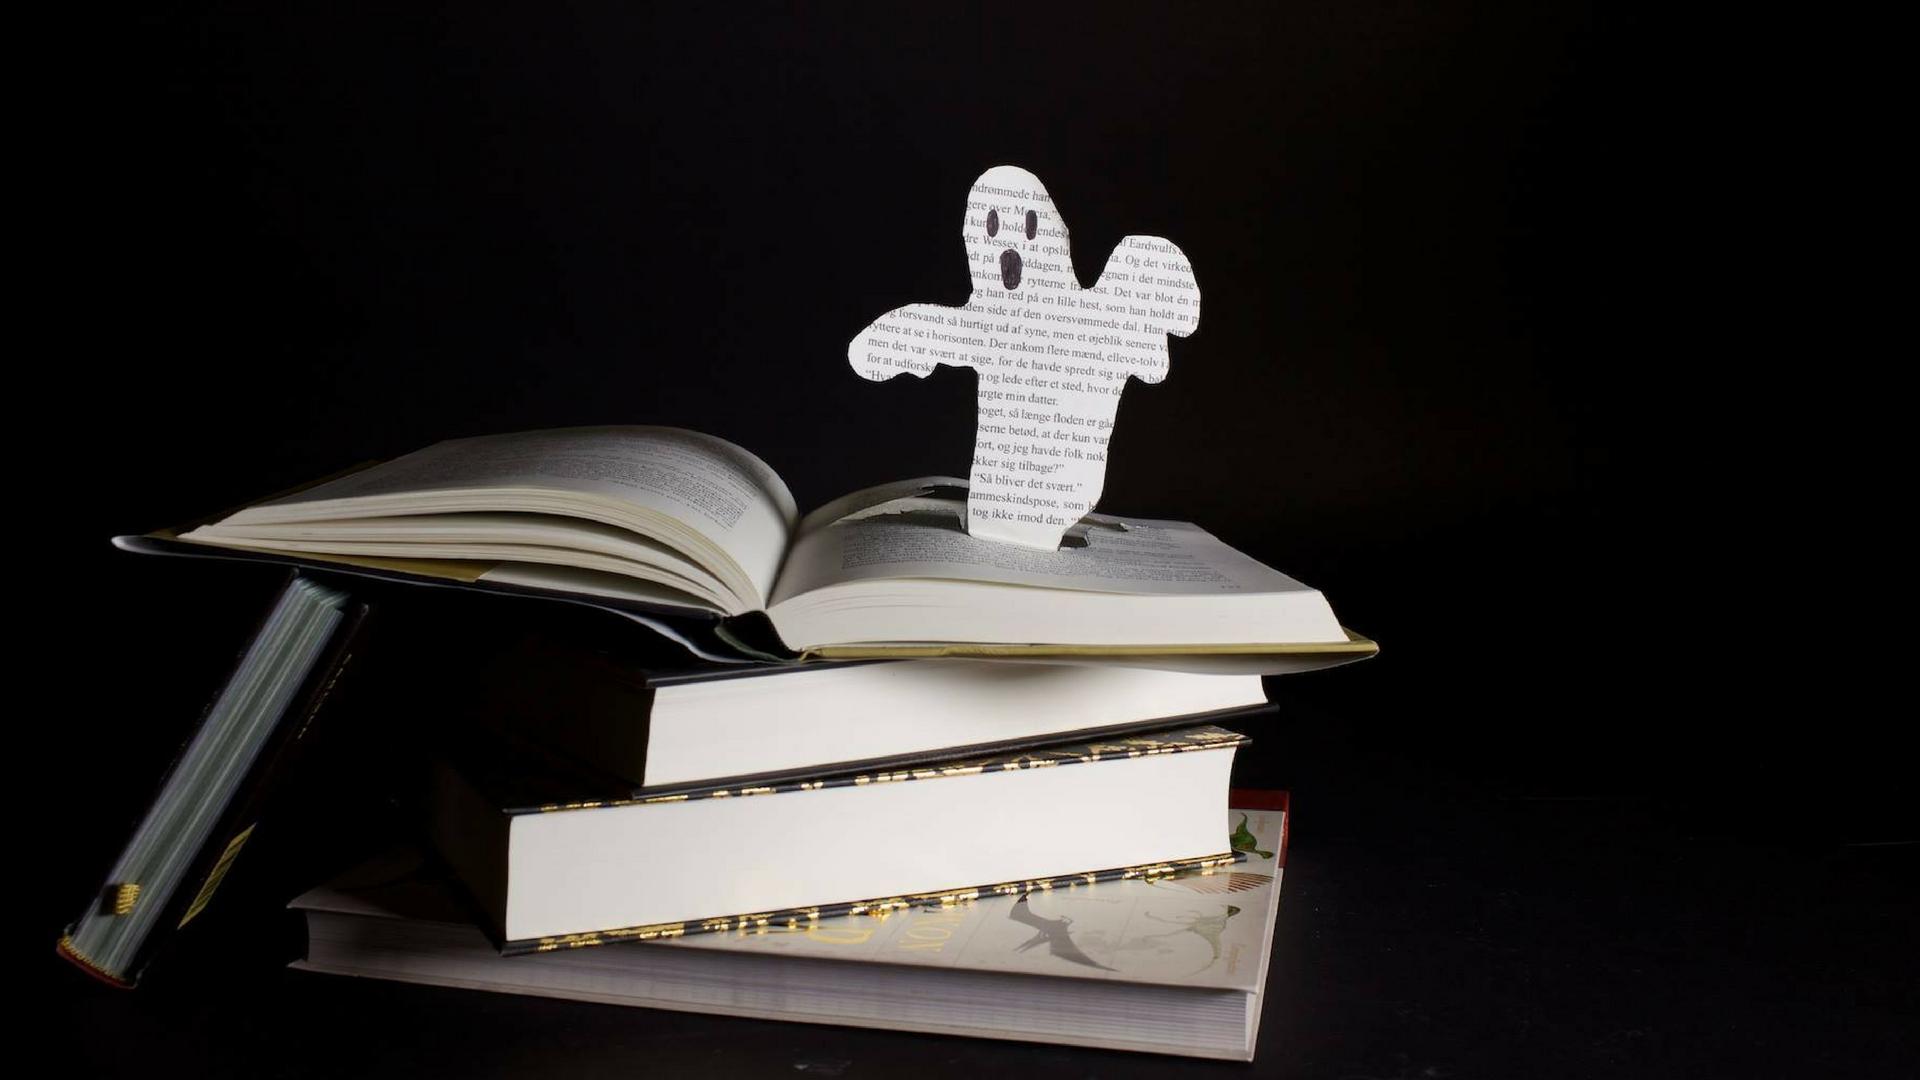 Uuuuuhyggelige Bøger Til Halloween